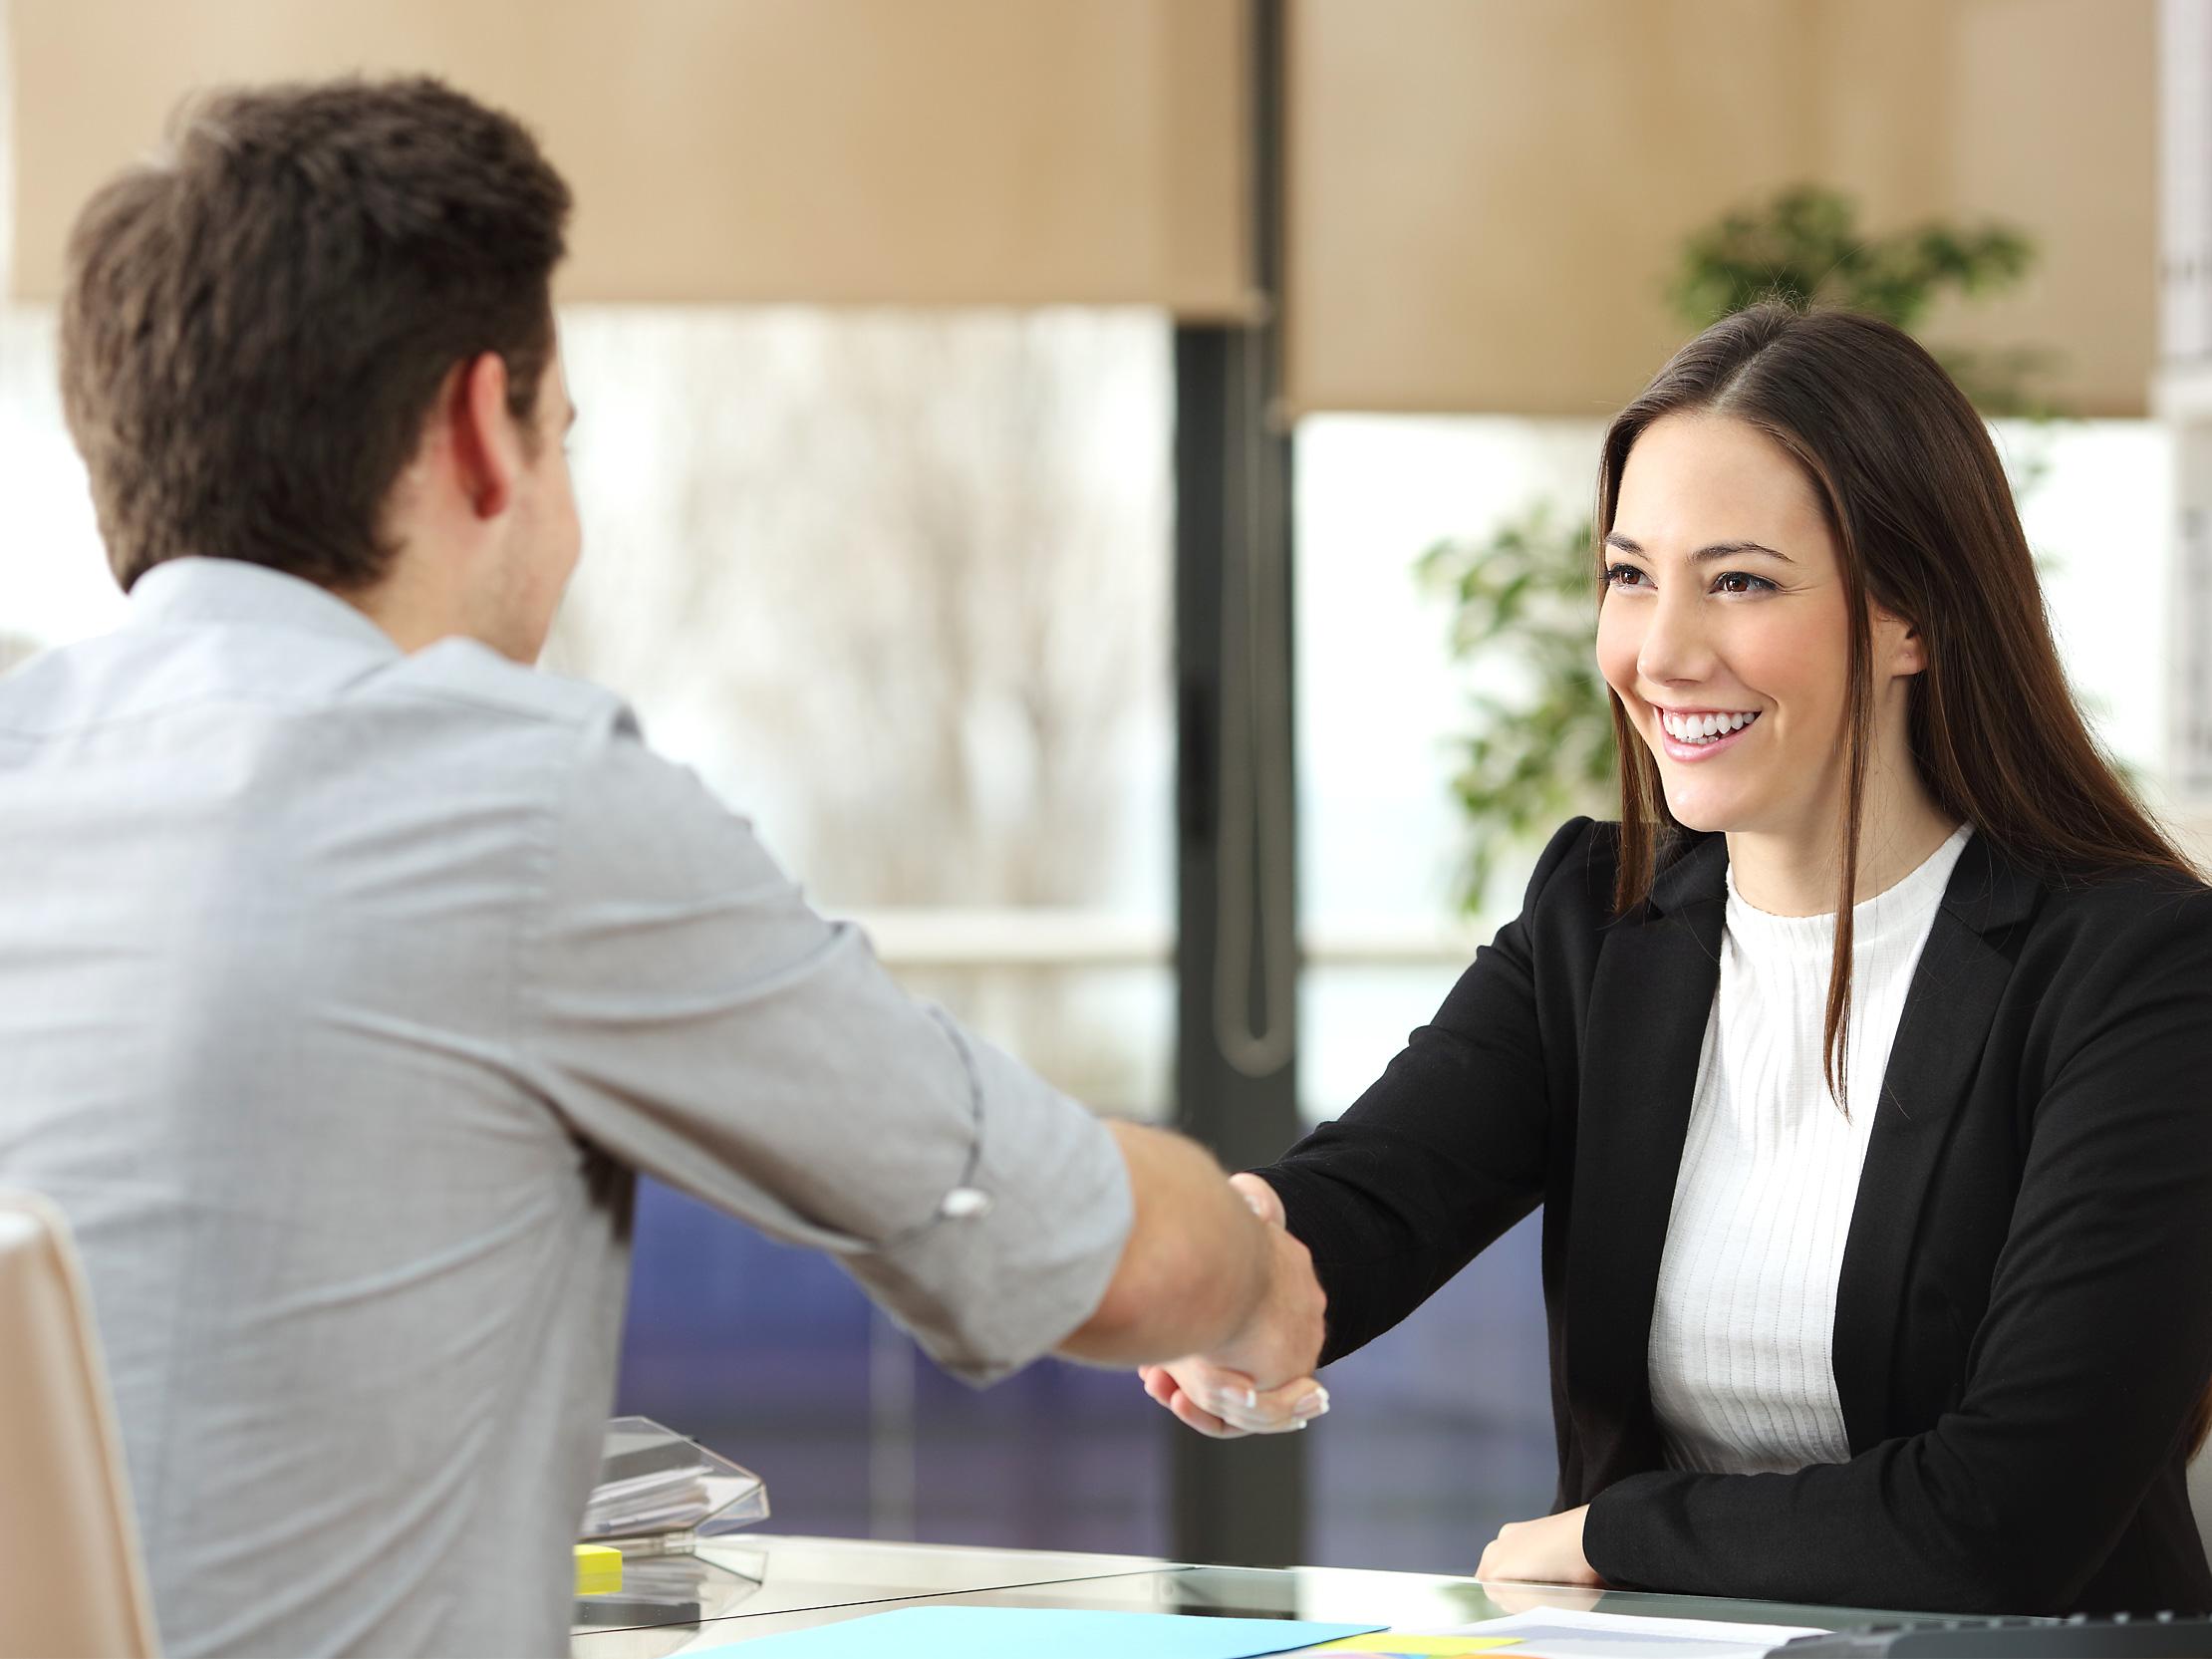 Sådan sikrer du dig i jobbet - få gode råd til jobsamtalen